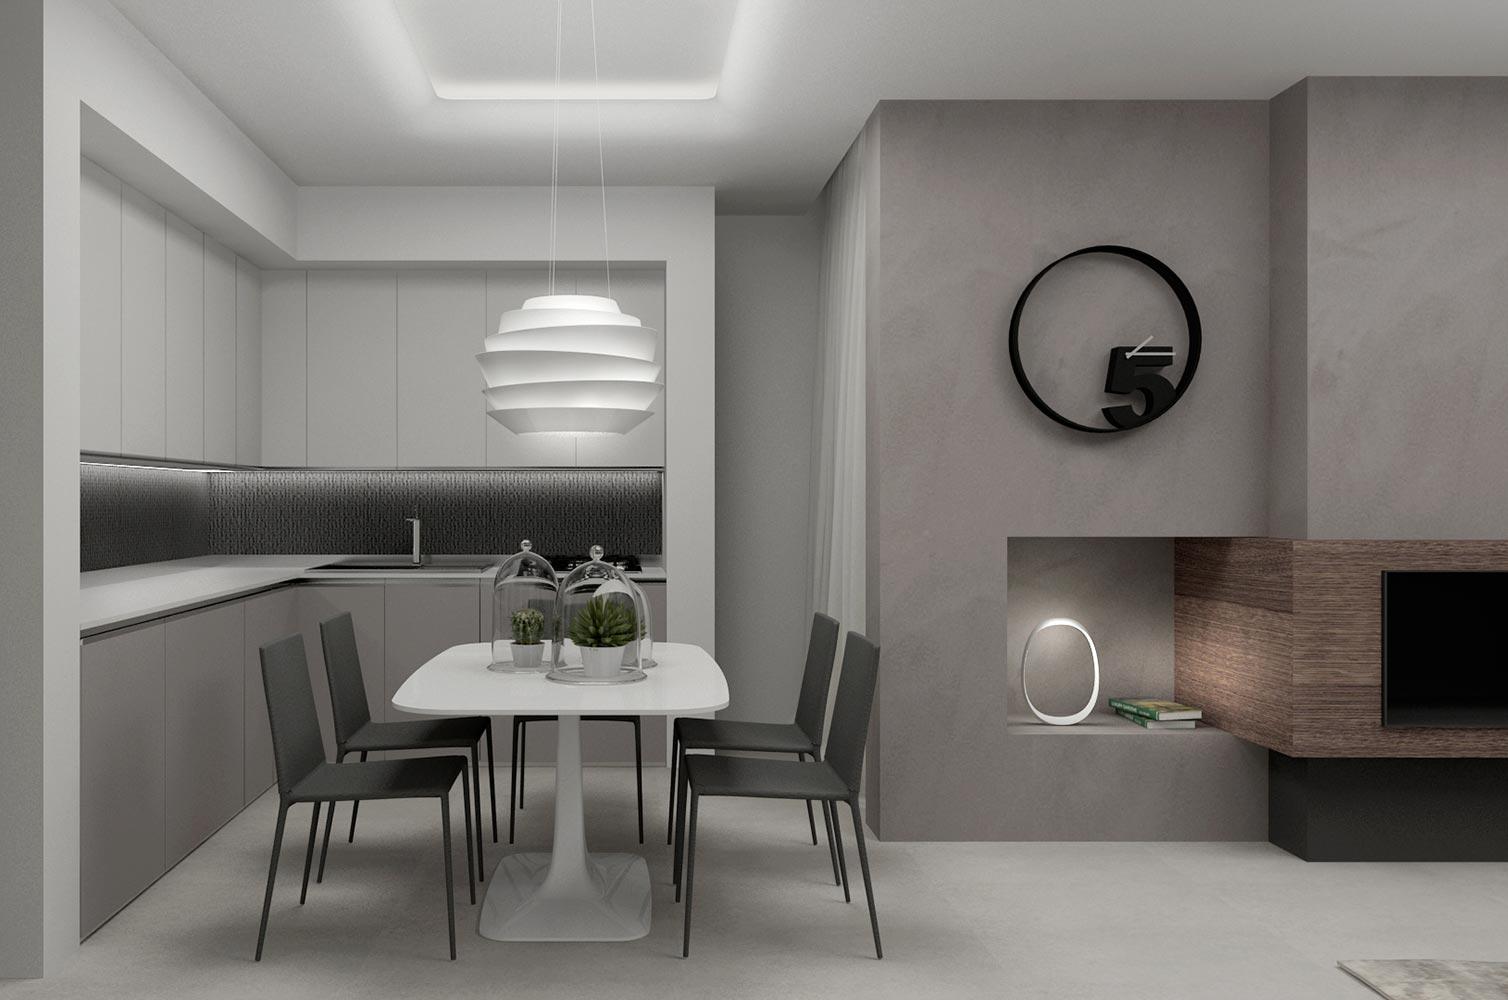 Divano tortora parete idee per il design della casa for Divano color tortora